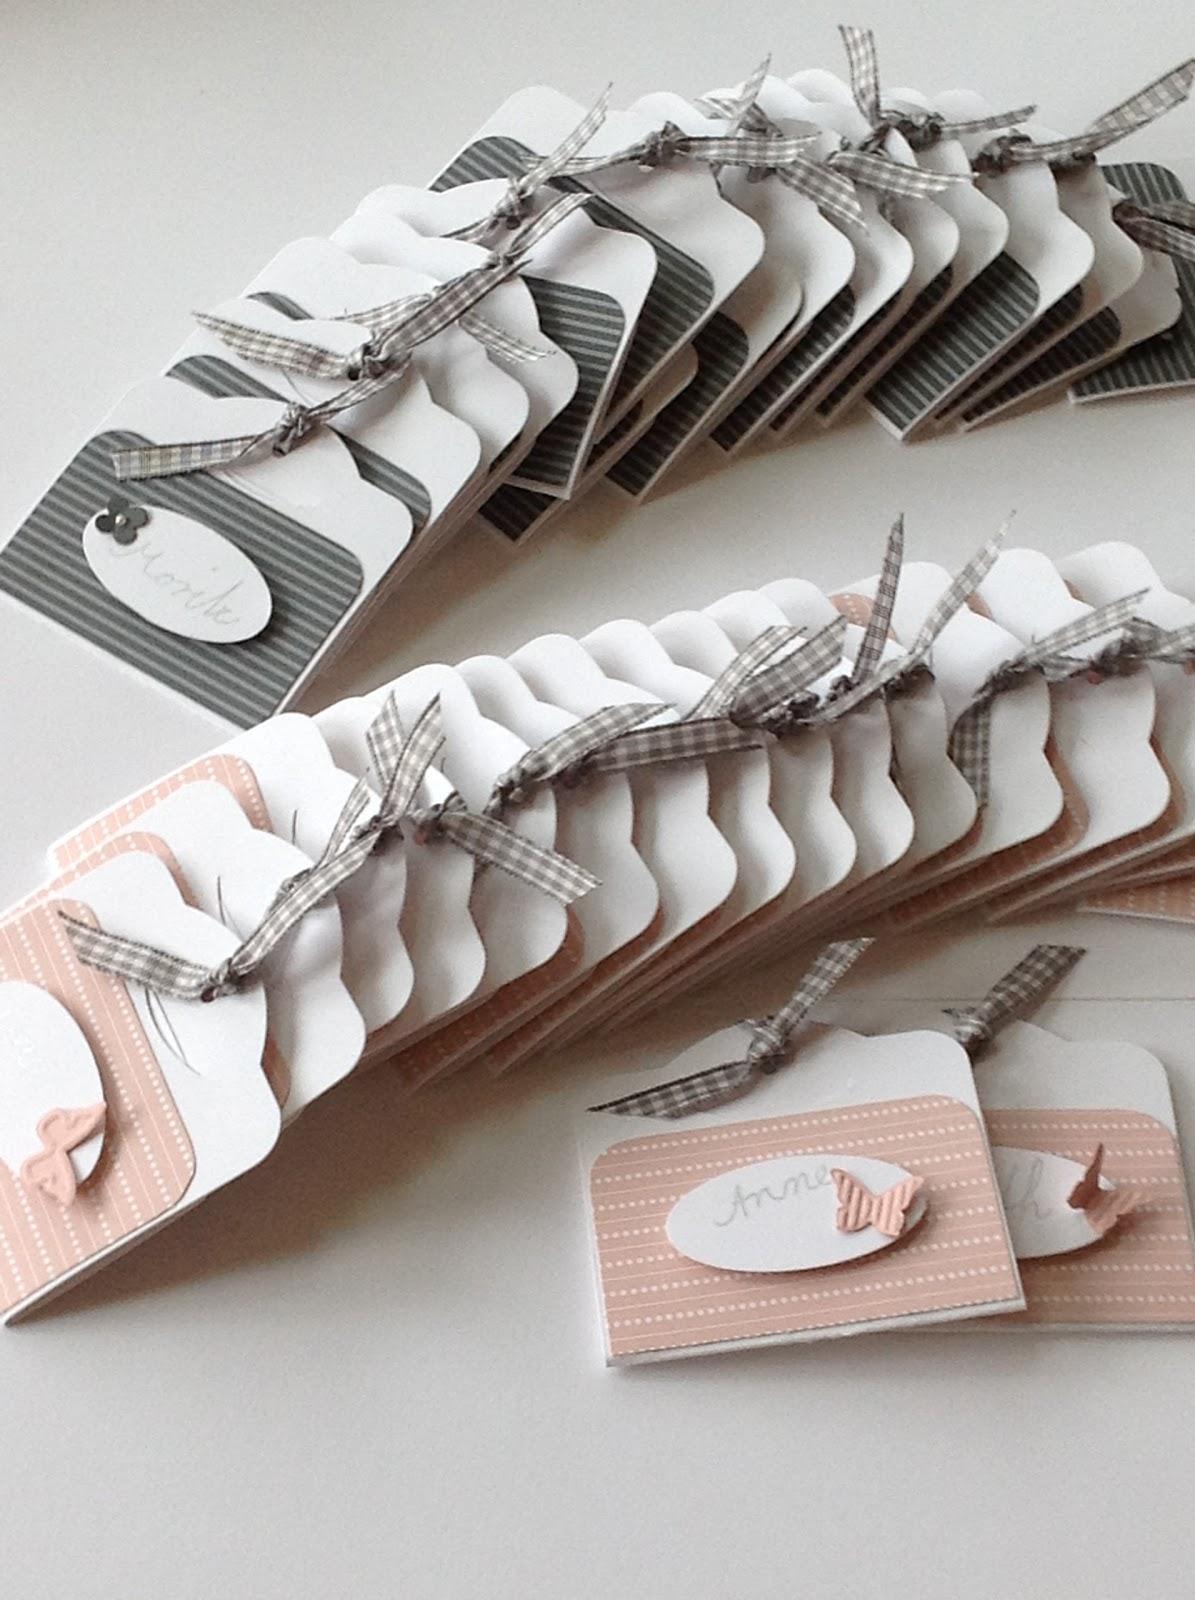 sch nes aus papier handgemacht bastelnachwuchs. Black Bedroom Furniture Sets. Home Design Ideas